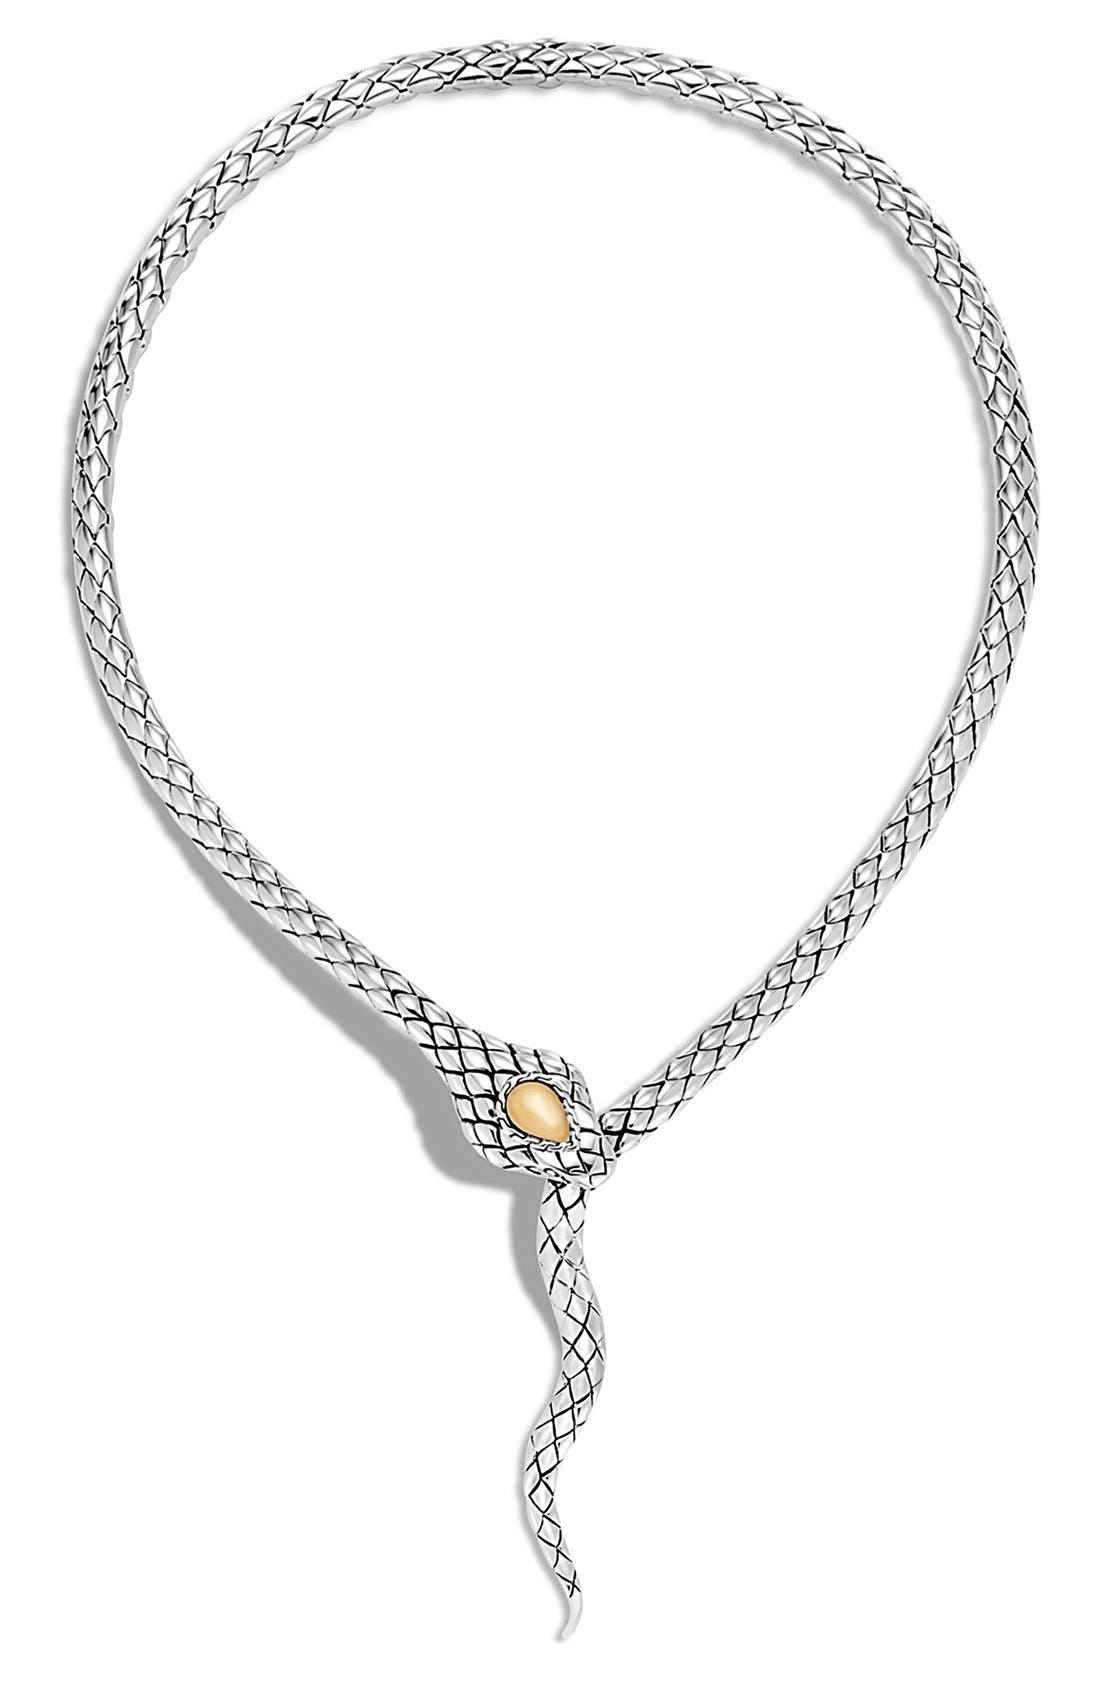 Legends Drop Necklace,                         Main,                         color, Silver/ Gold